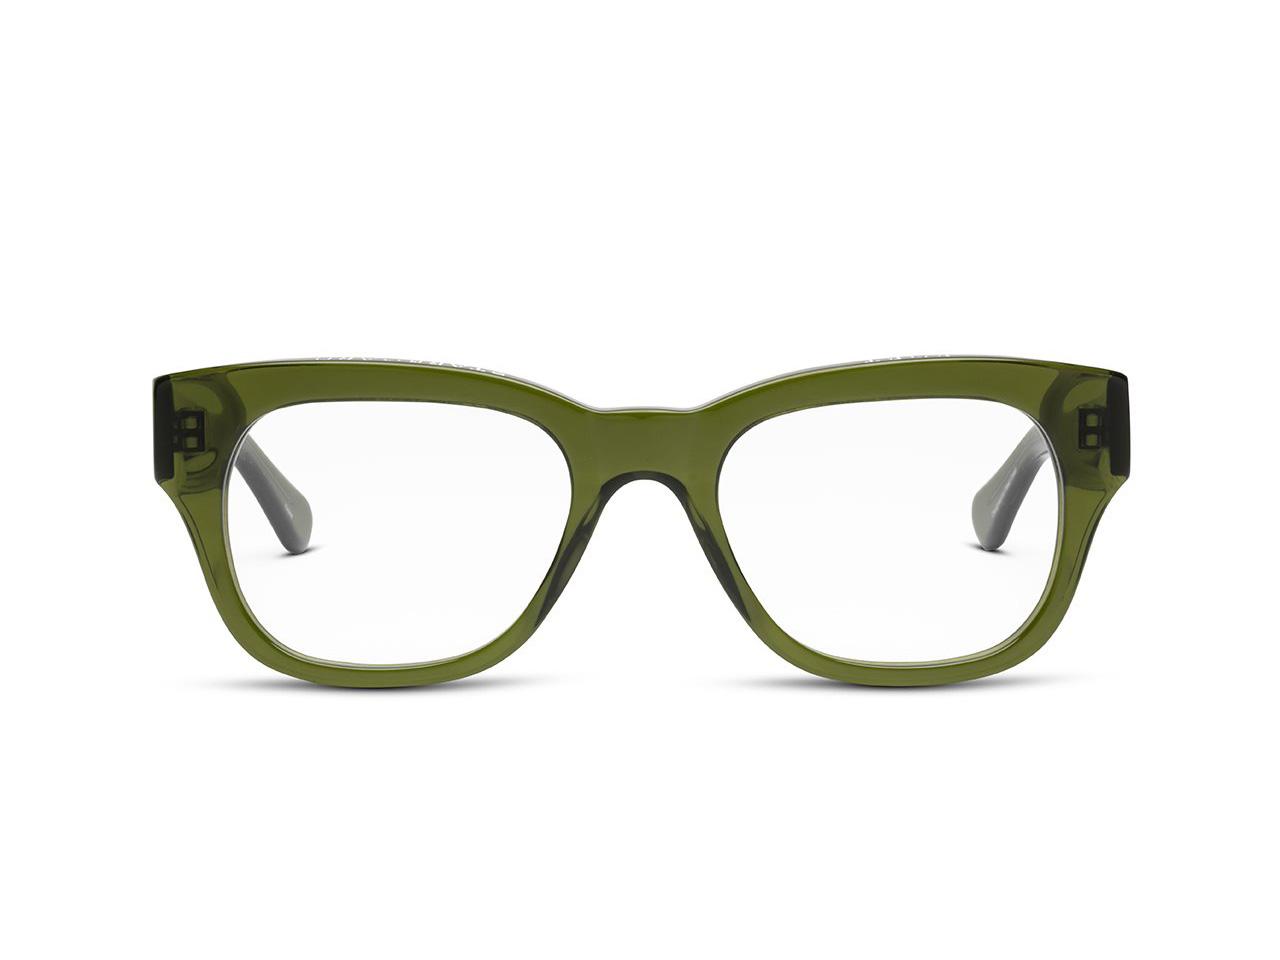 Stylish Reading Glasses - Caddis